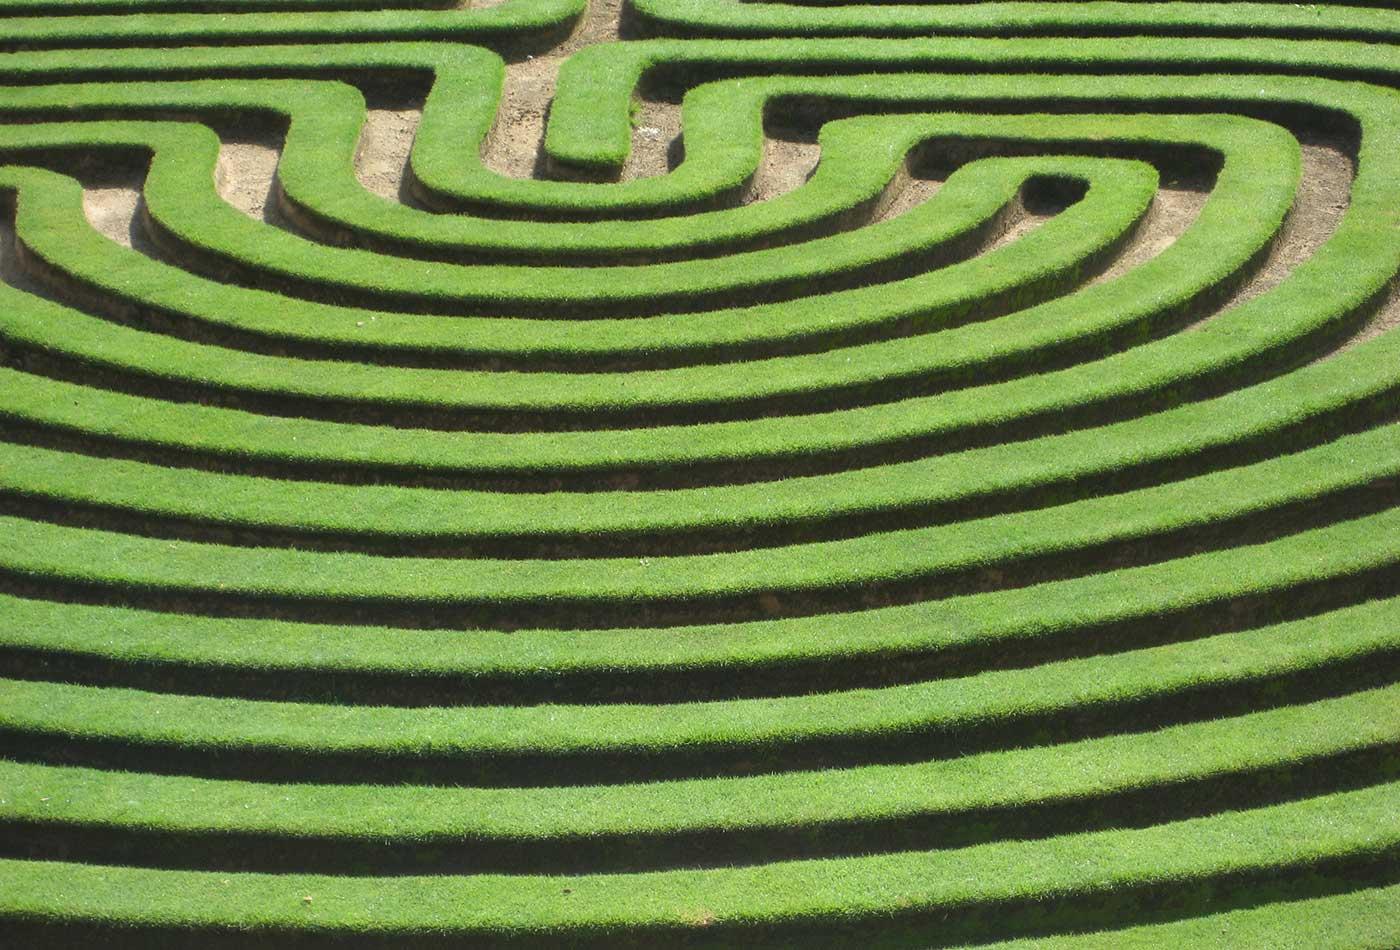 Cockington Green Gardens Maze.